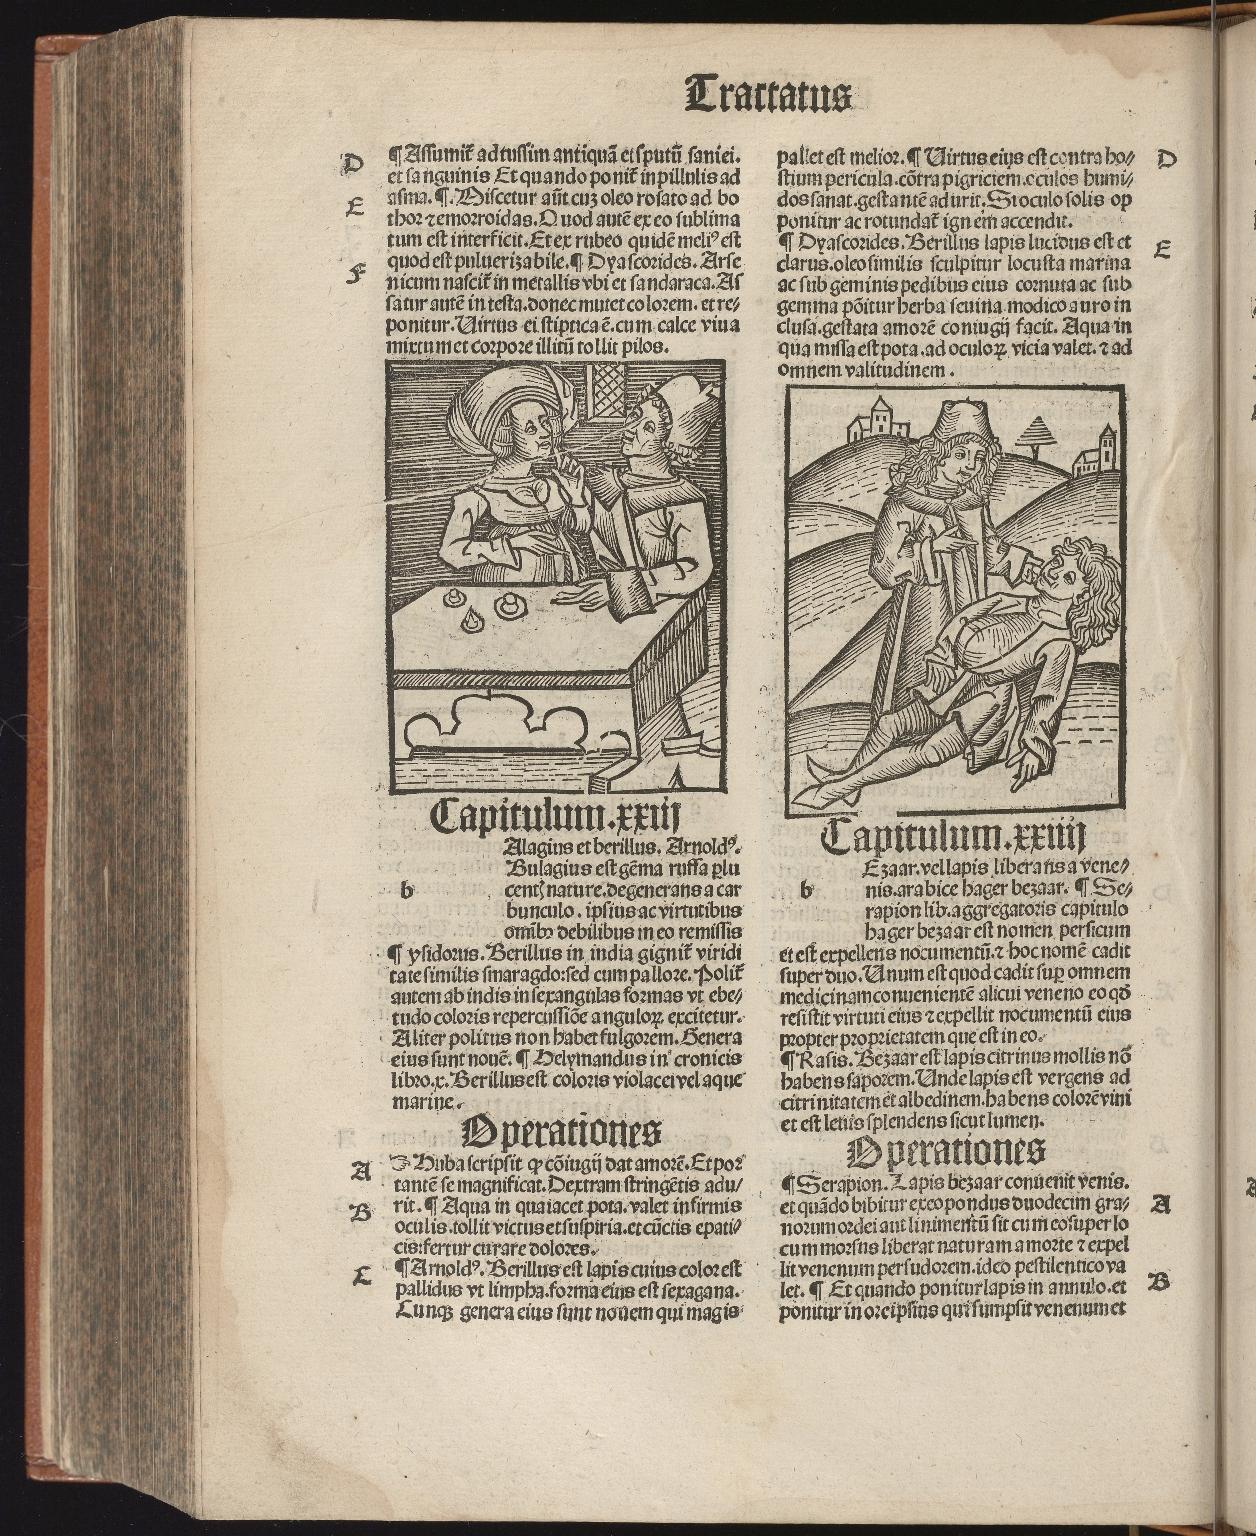 Hortus sanitatis, Fol.303 verso